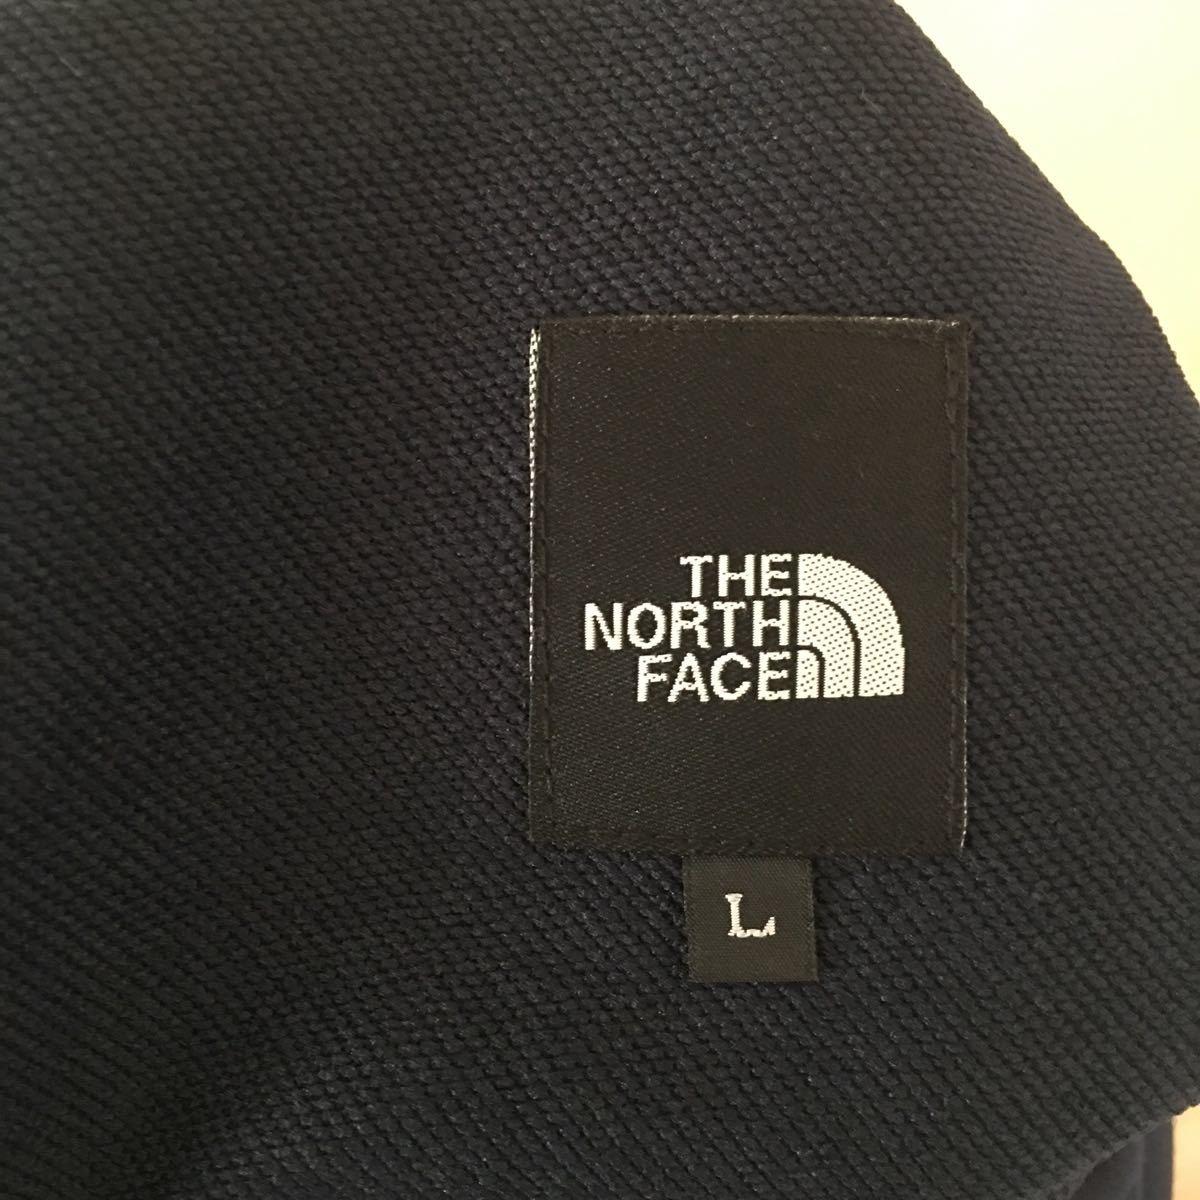 THE NORTH FACEザノースフェイス パンツ